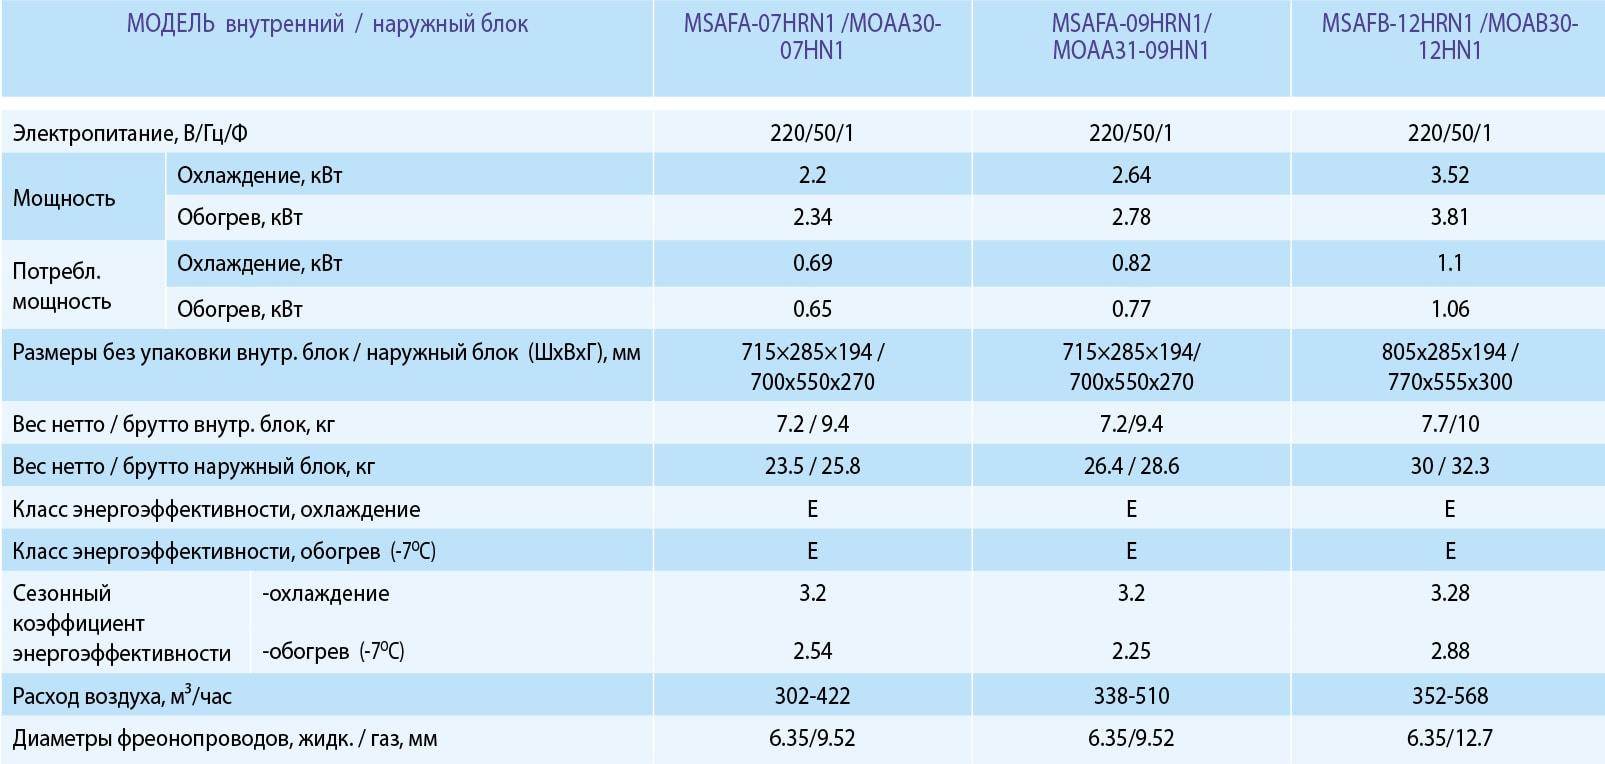 Технические характеристики кондиционера Midea MSAFA-12HRN1 серии Forest